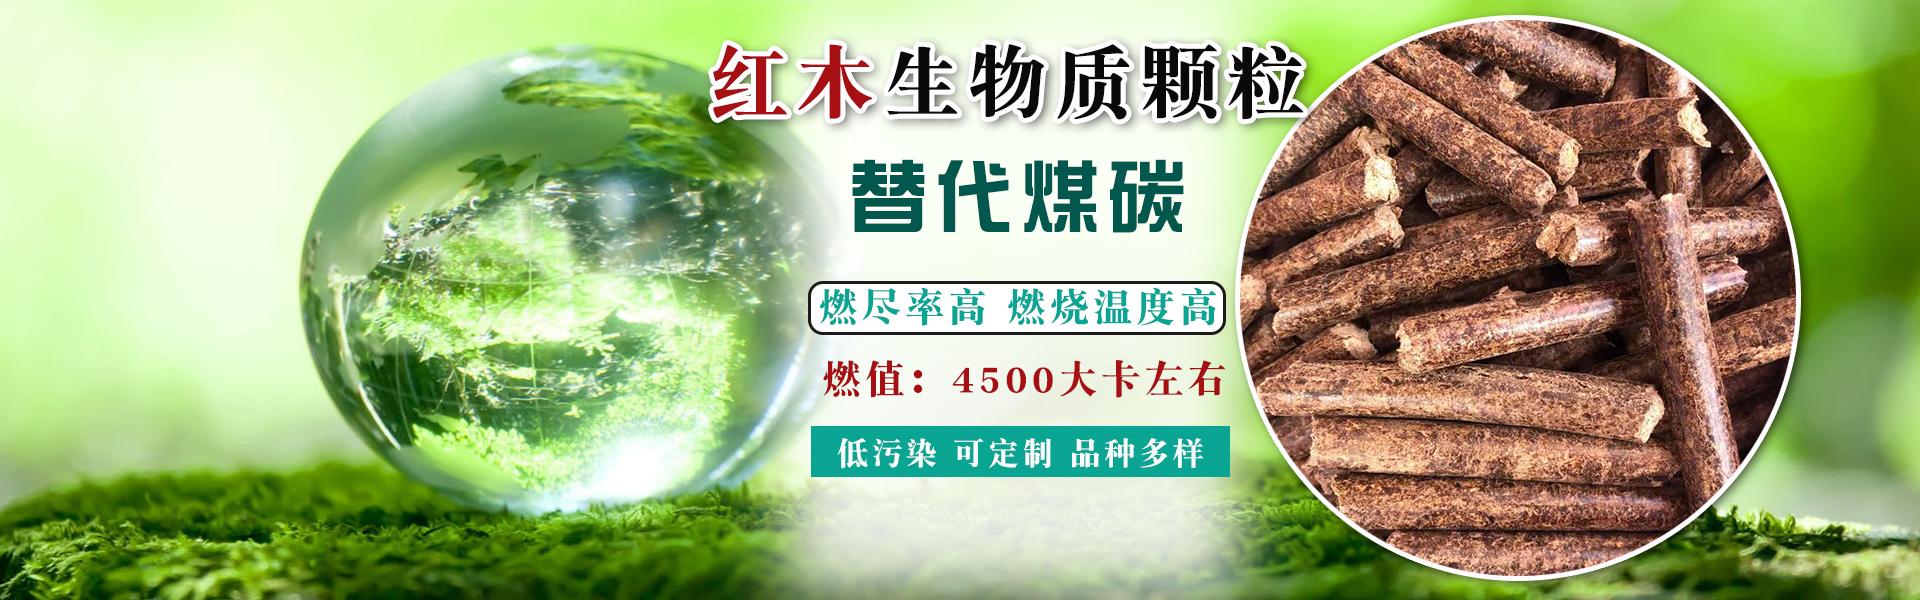 http://cangzhouenheng.hcwsw.cn/company/contact/